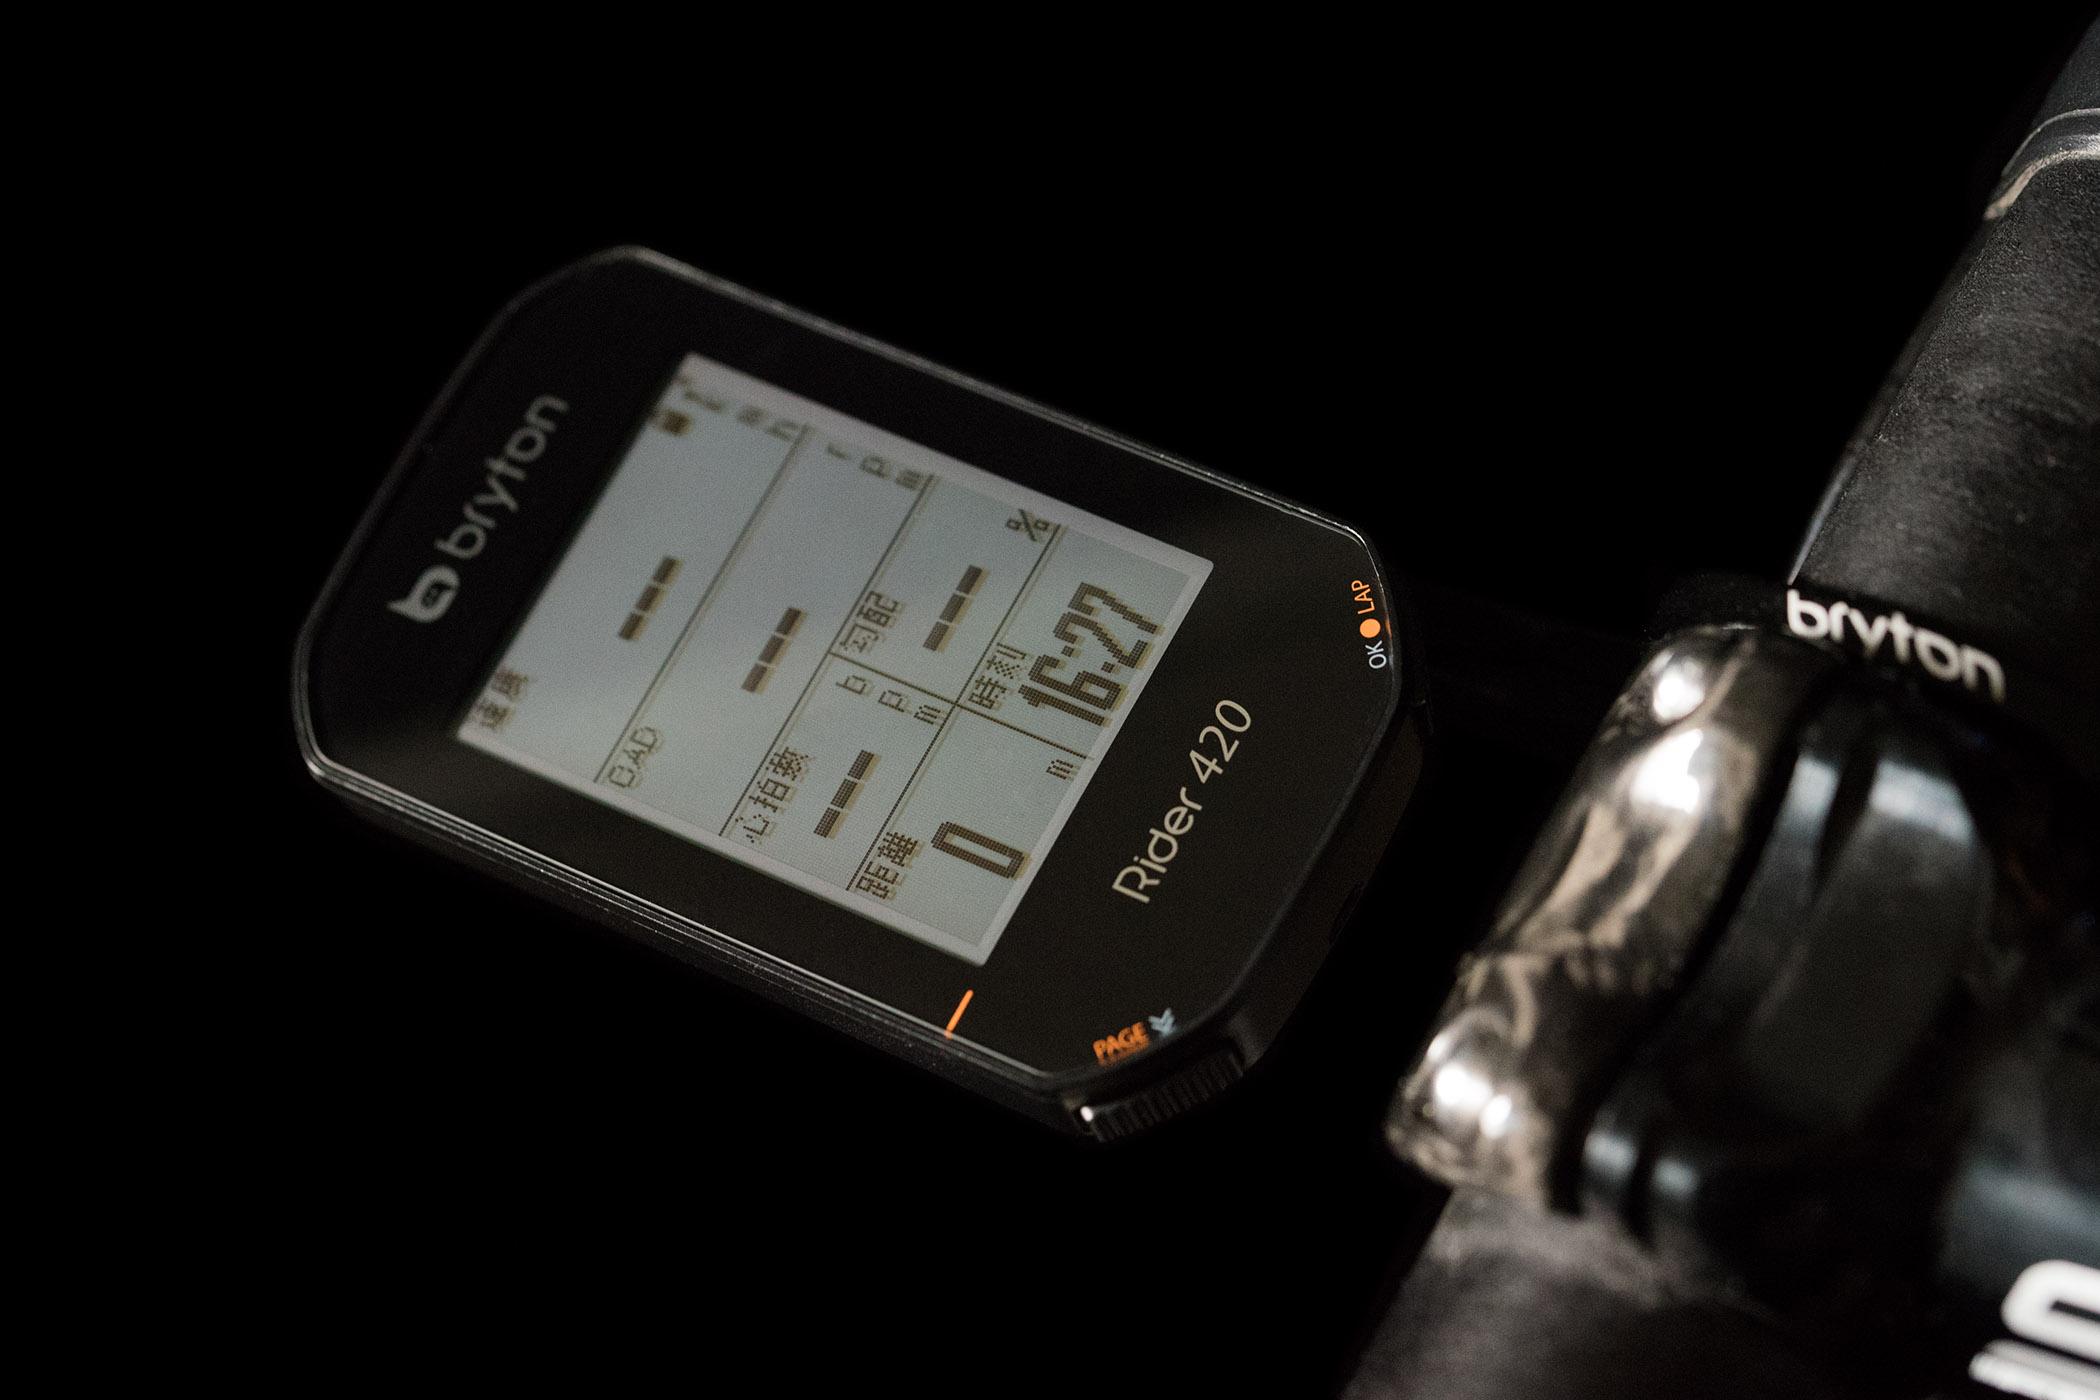 GPSサイコンのエントリーモデル Bryton Rider420 を購入